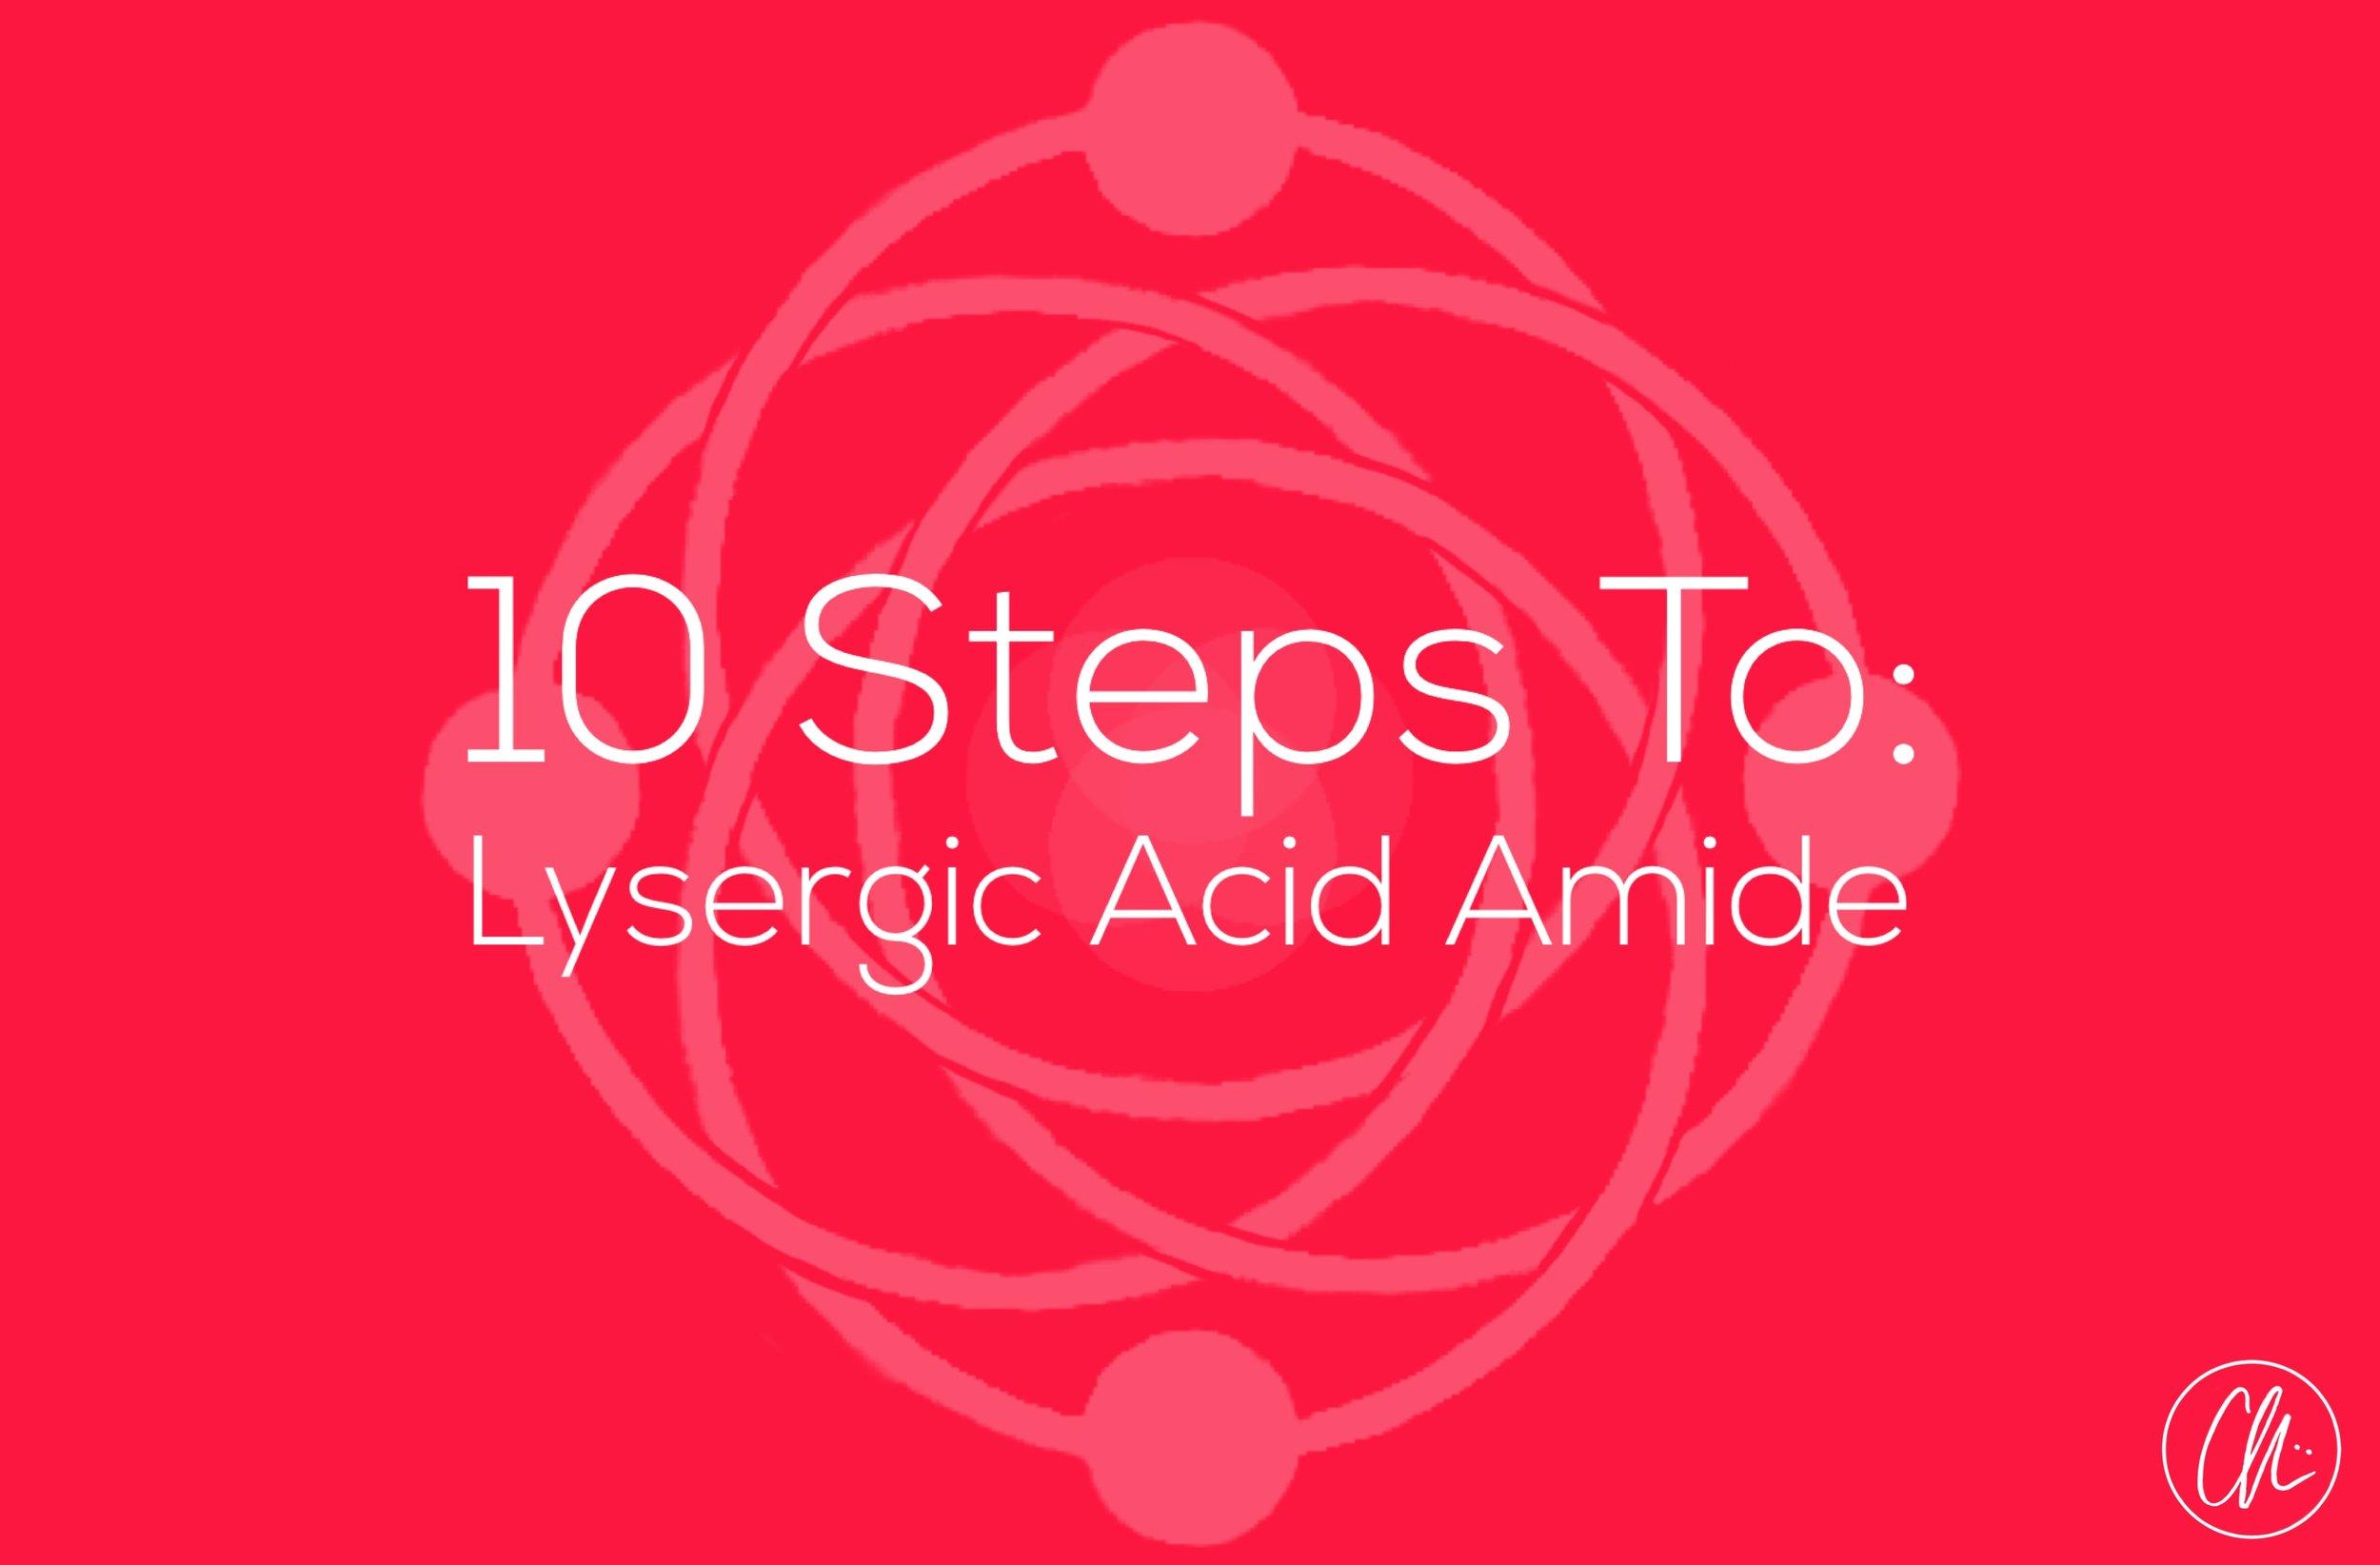 LYSERGIC ACID AMIDE